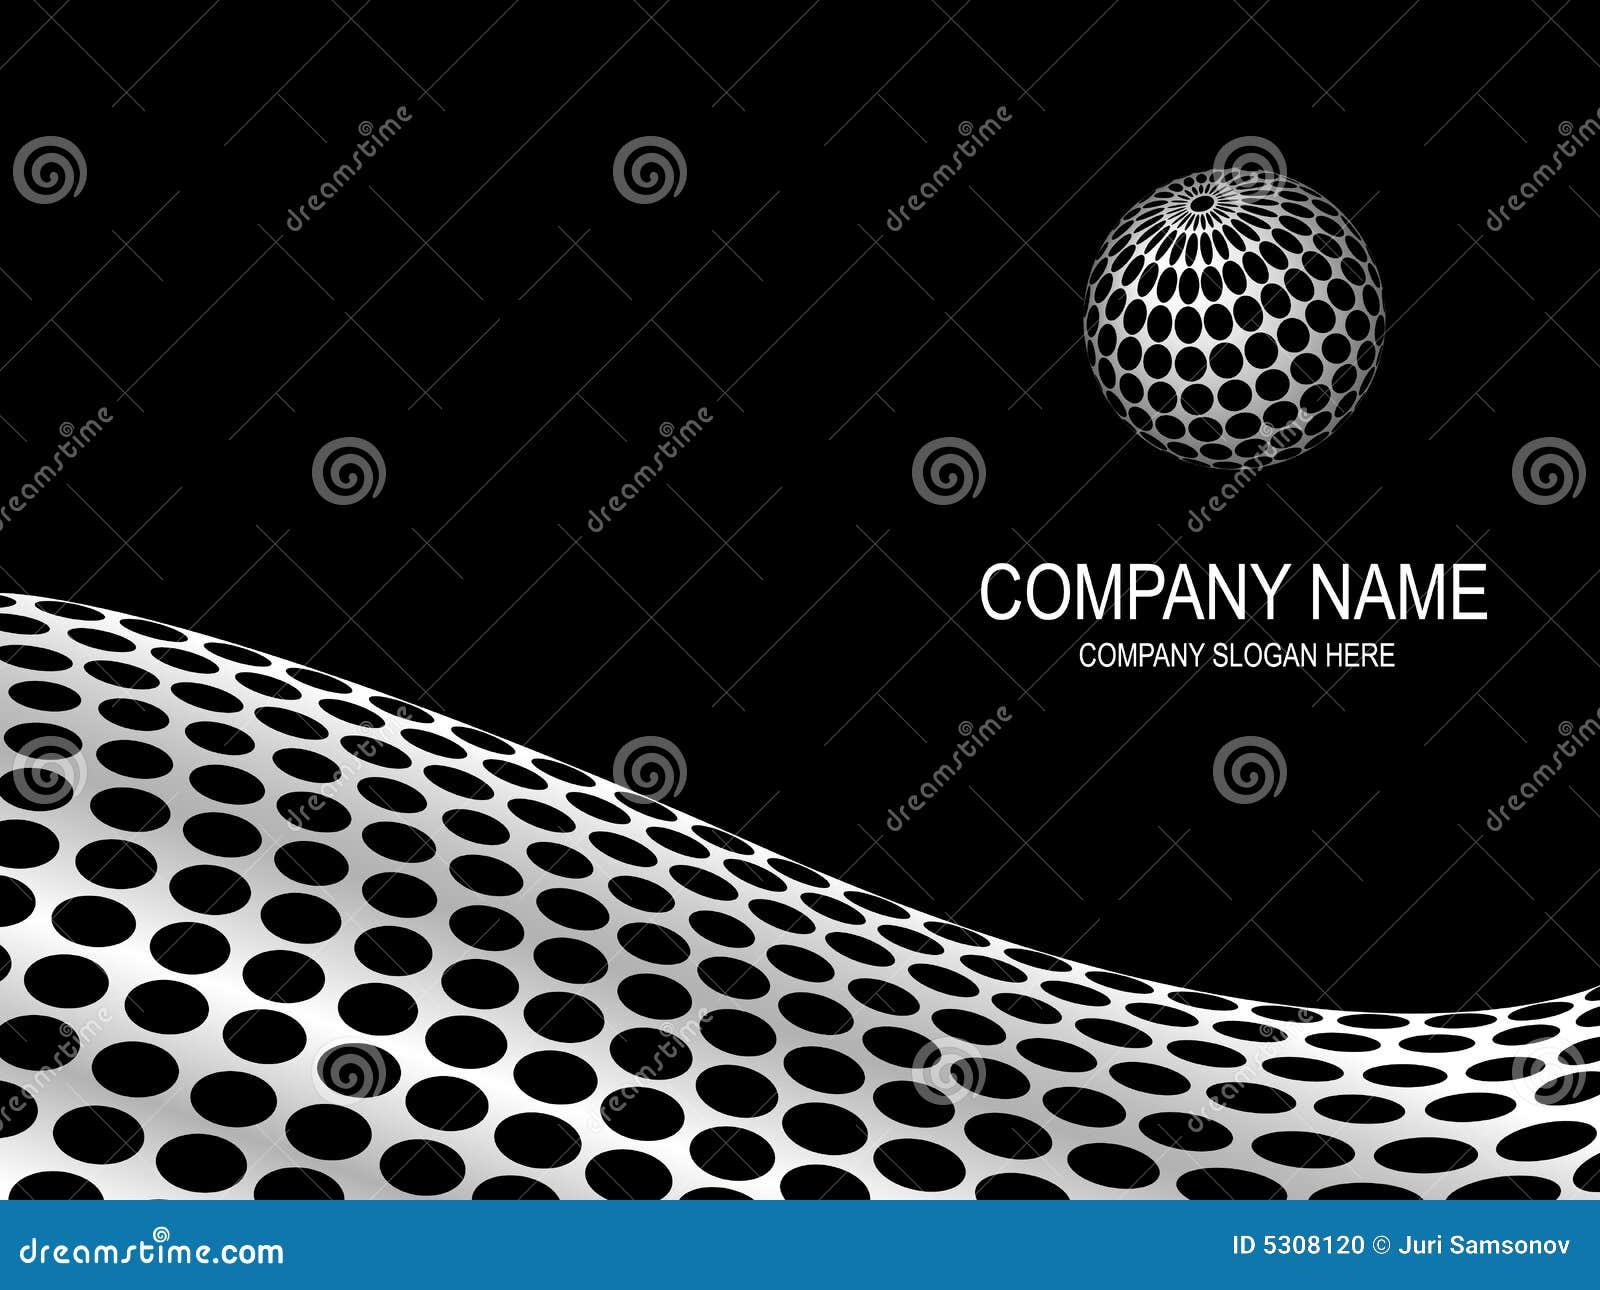 Download Pagina Astratta Dell'azienda. Illustrazione Vettoriale - Illustrazione di ovale, commercio: 5308120